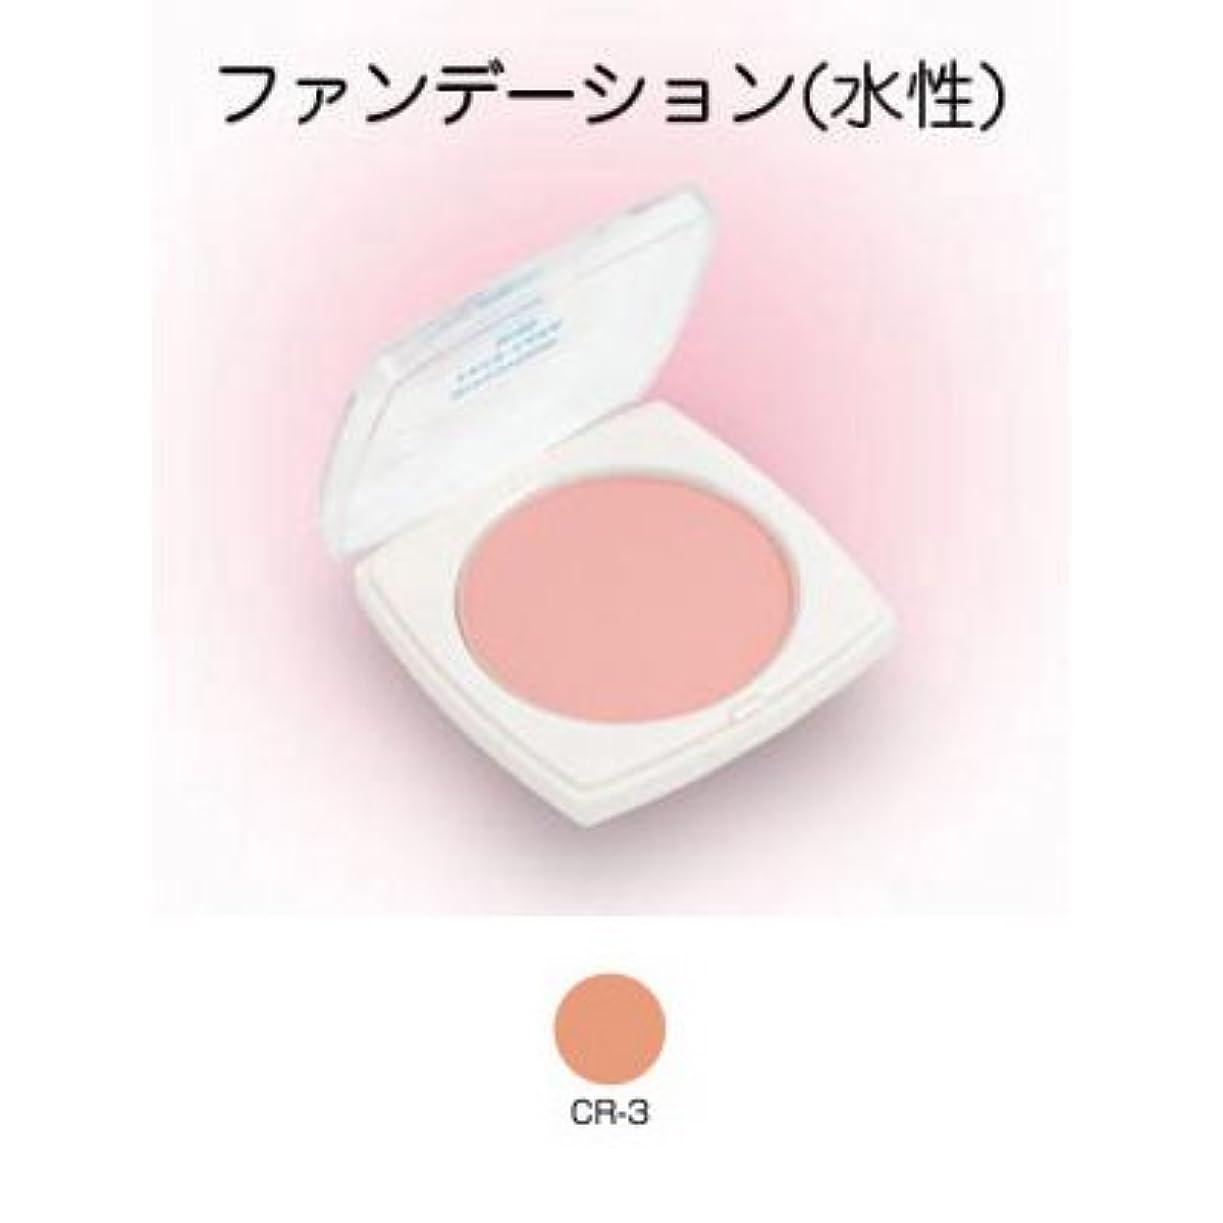 フェースケーキ ミニ 17g CR-3 【三善】